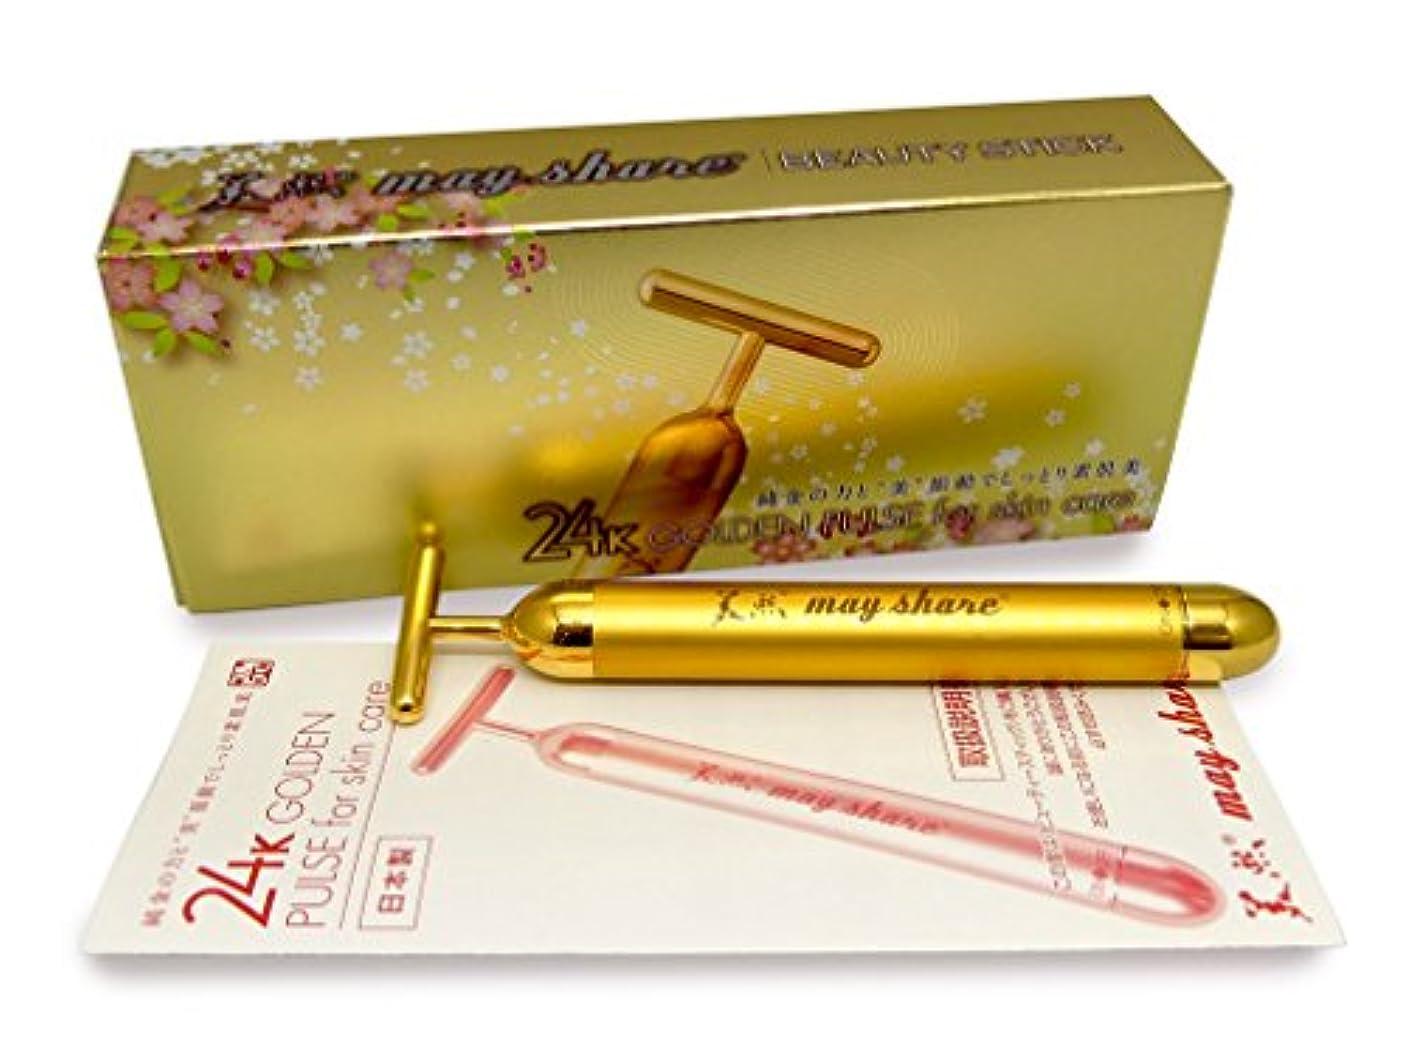 ボアコートすすり泣き日本製 24Kゴールドビューティースティック(T型)Beauty Stick 黄金棒 MS-1